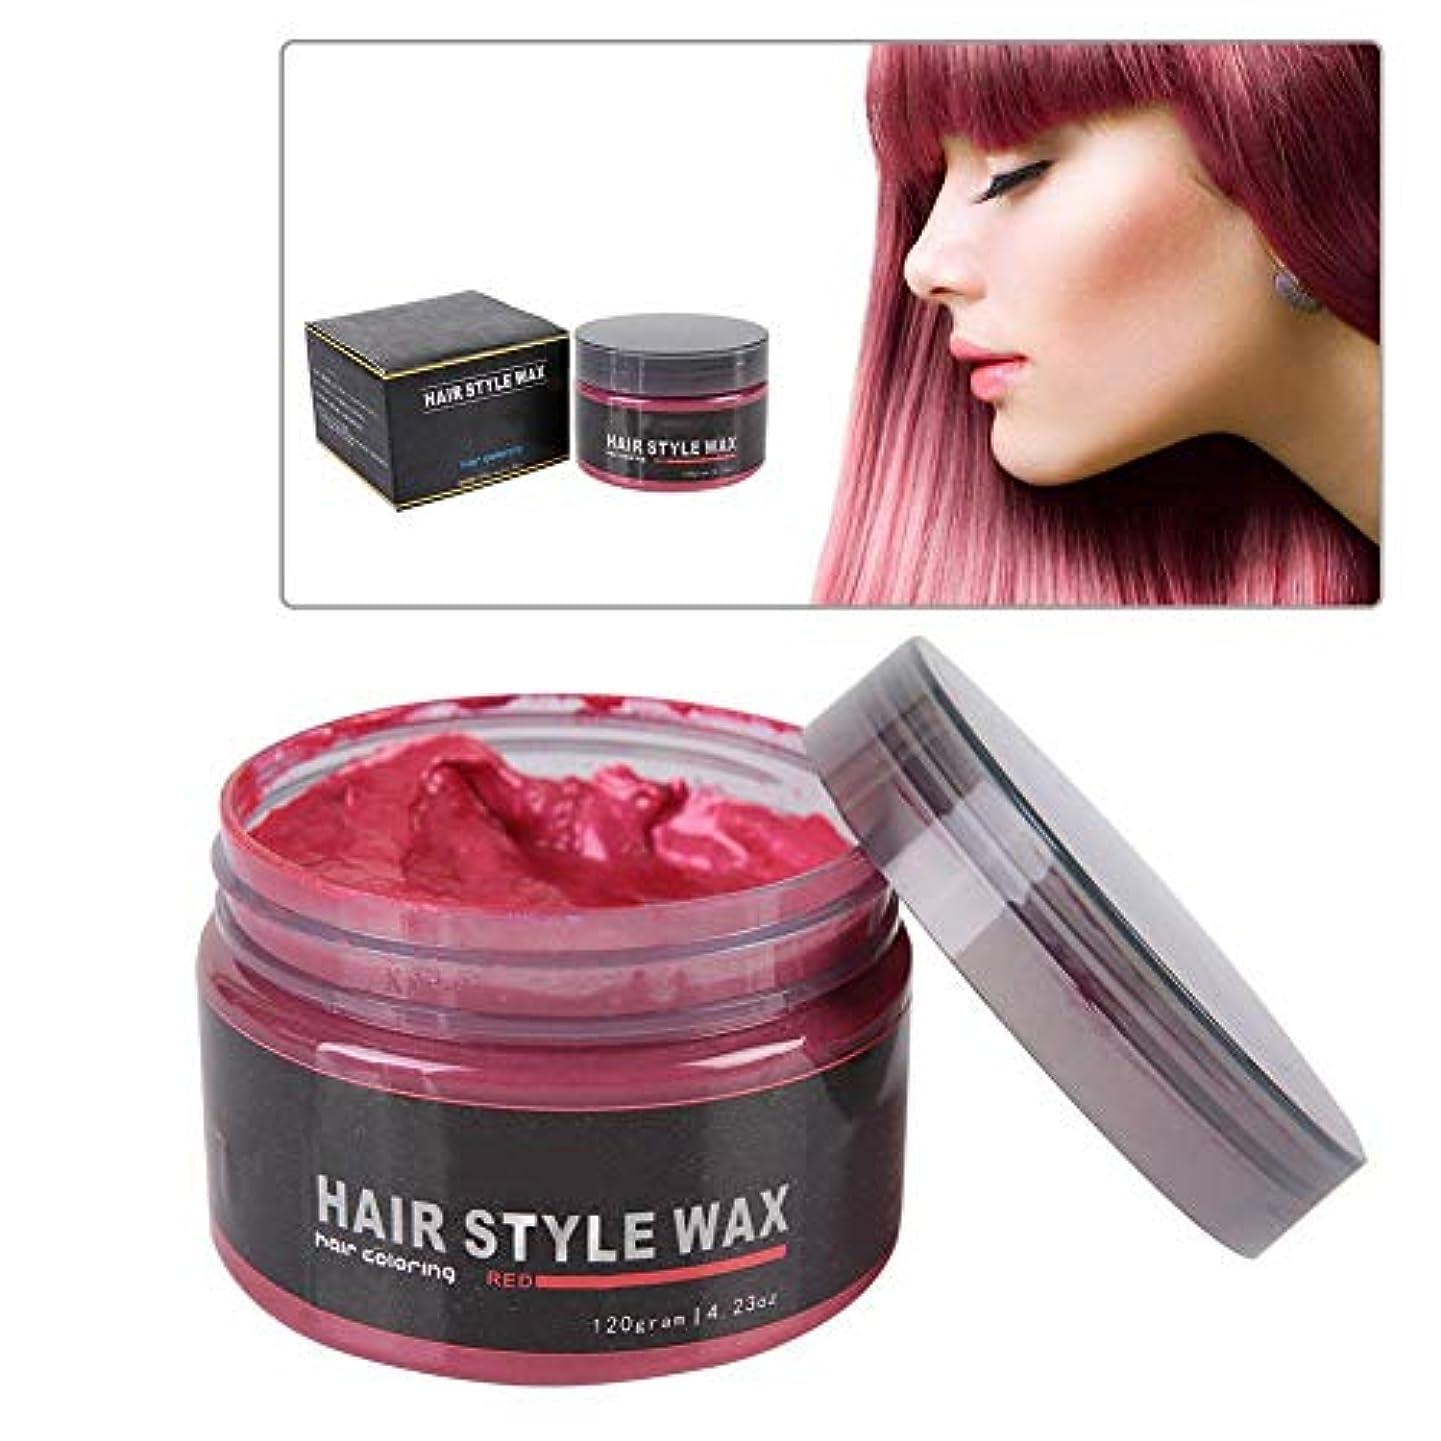 桁振りかけるパニック使い捨ての新しいヘアカラーワックス、染毛剤の着色泥のヘアスタイルモデリングクリーム120グラム(レッド)